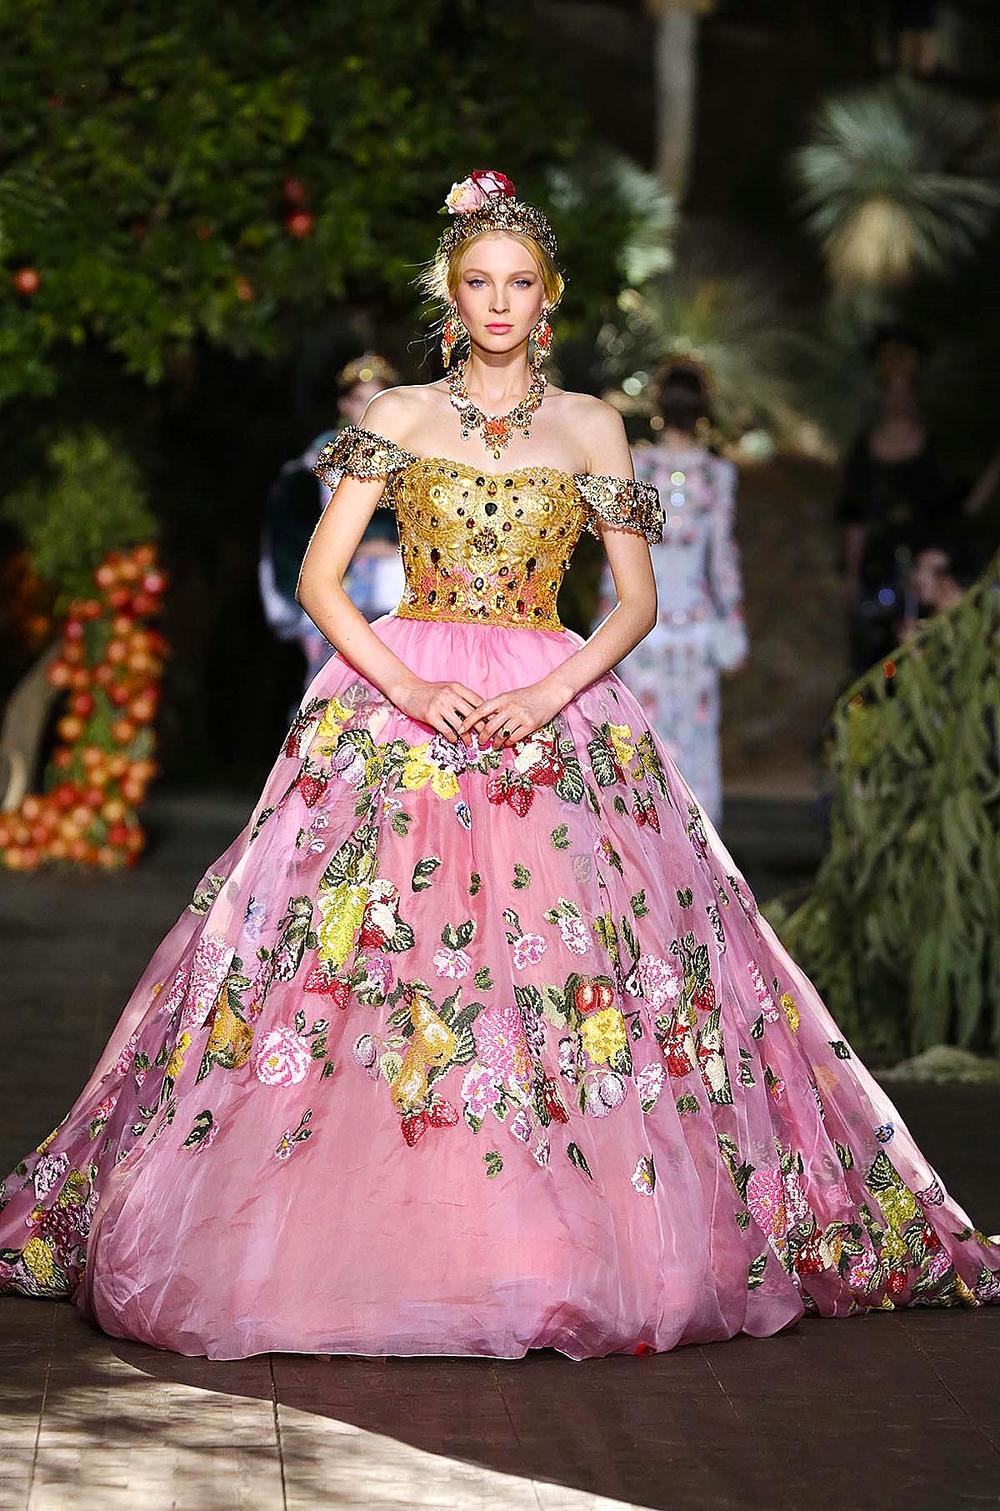 Dolce gabbana s midsummer night s dream alta moda for Alta couture